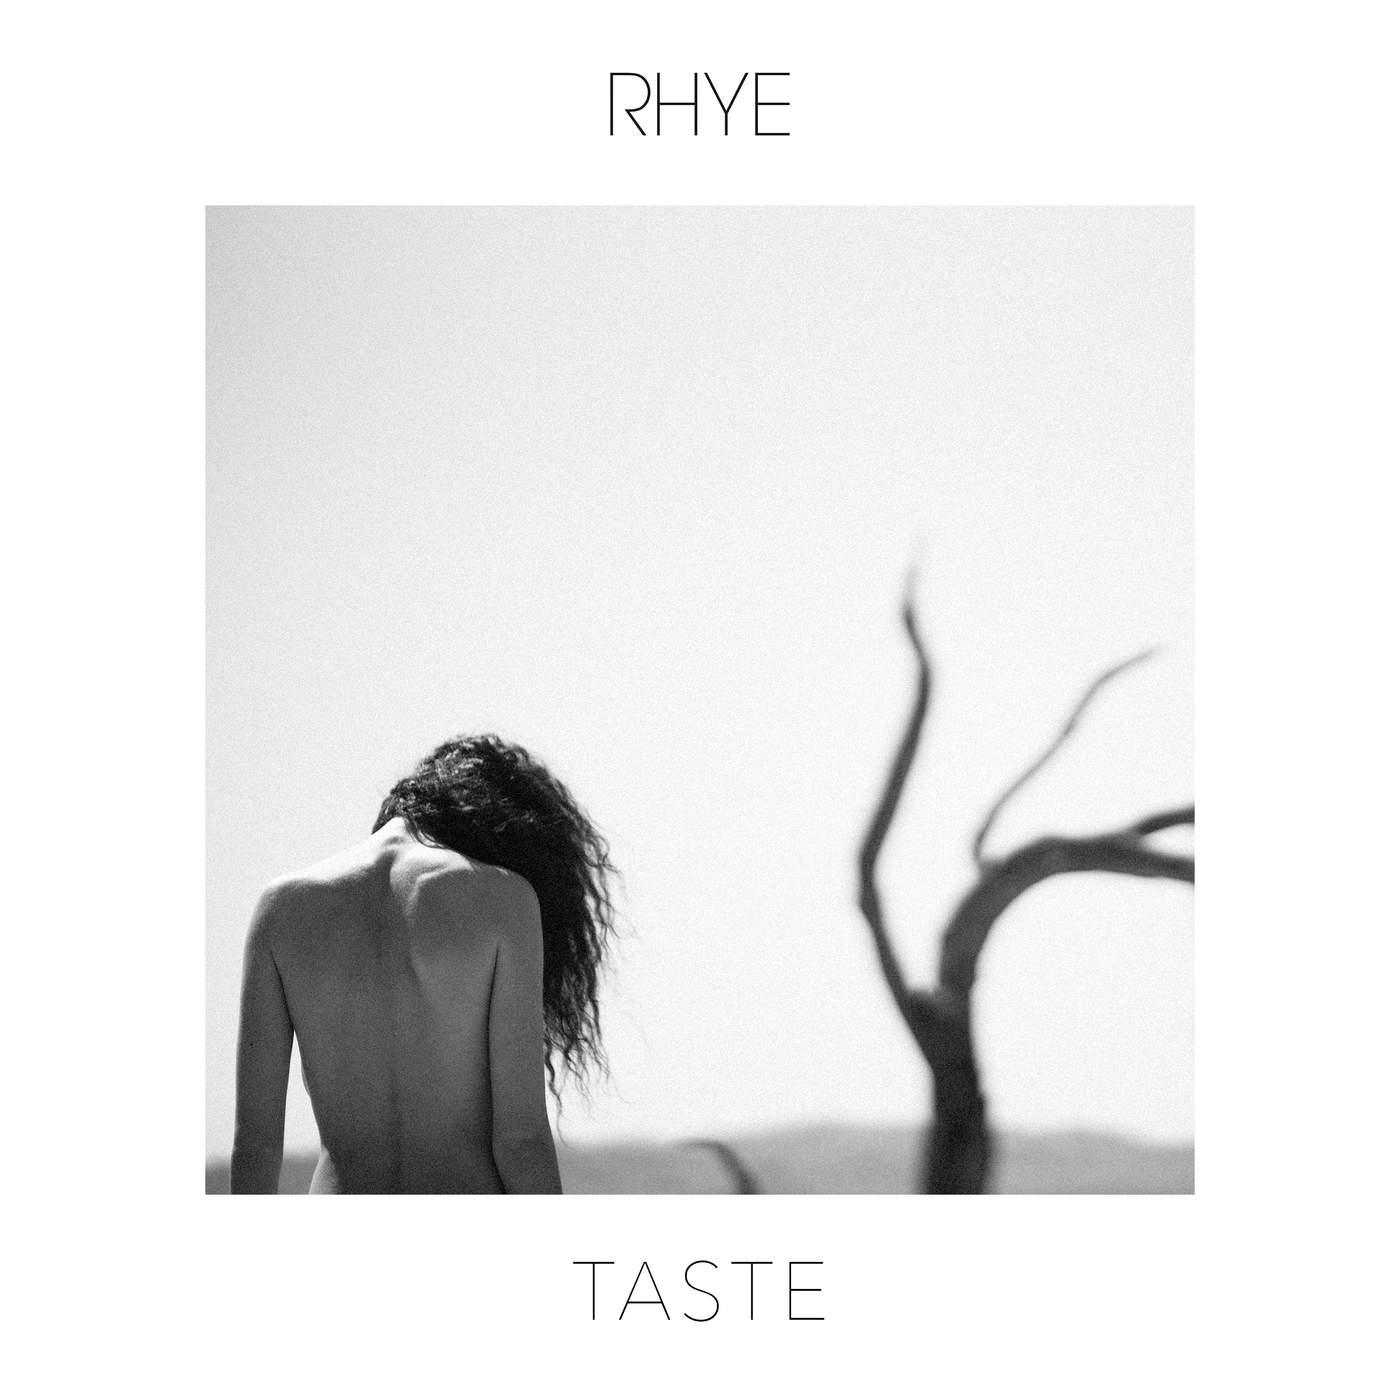 Taste - Single